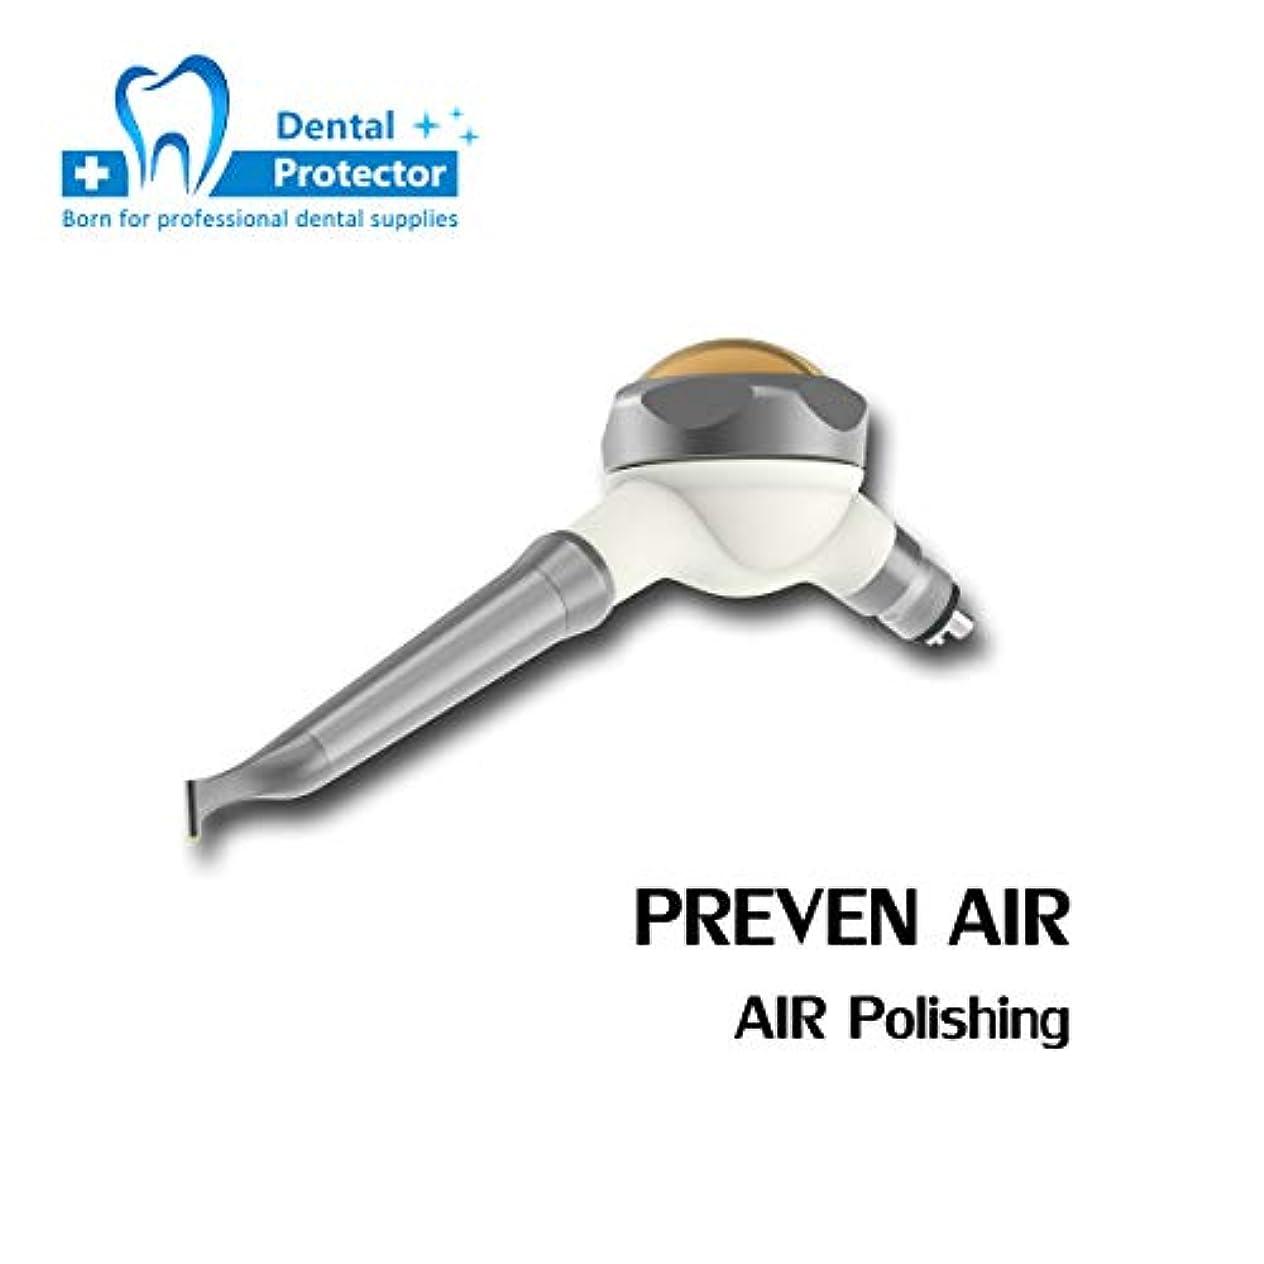 勤勉な複雑でないシード歯科のためのKAVO及びM4と互換性がある3H予防的な気流の歯の磨く機械衛生学Prophy